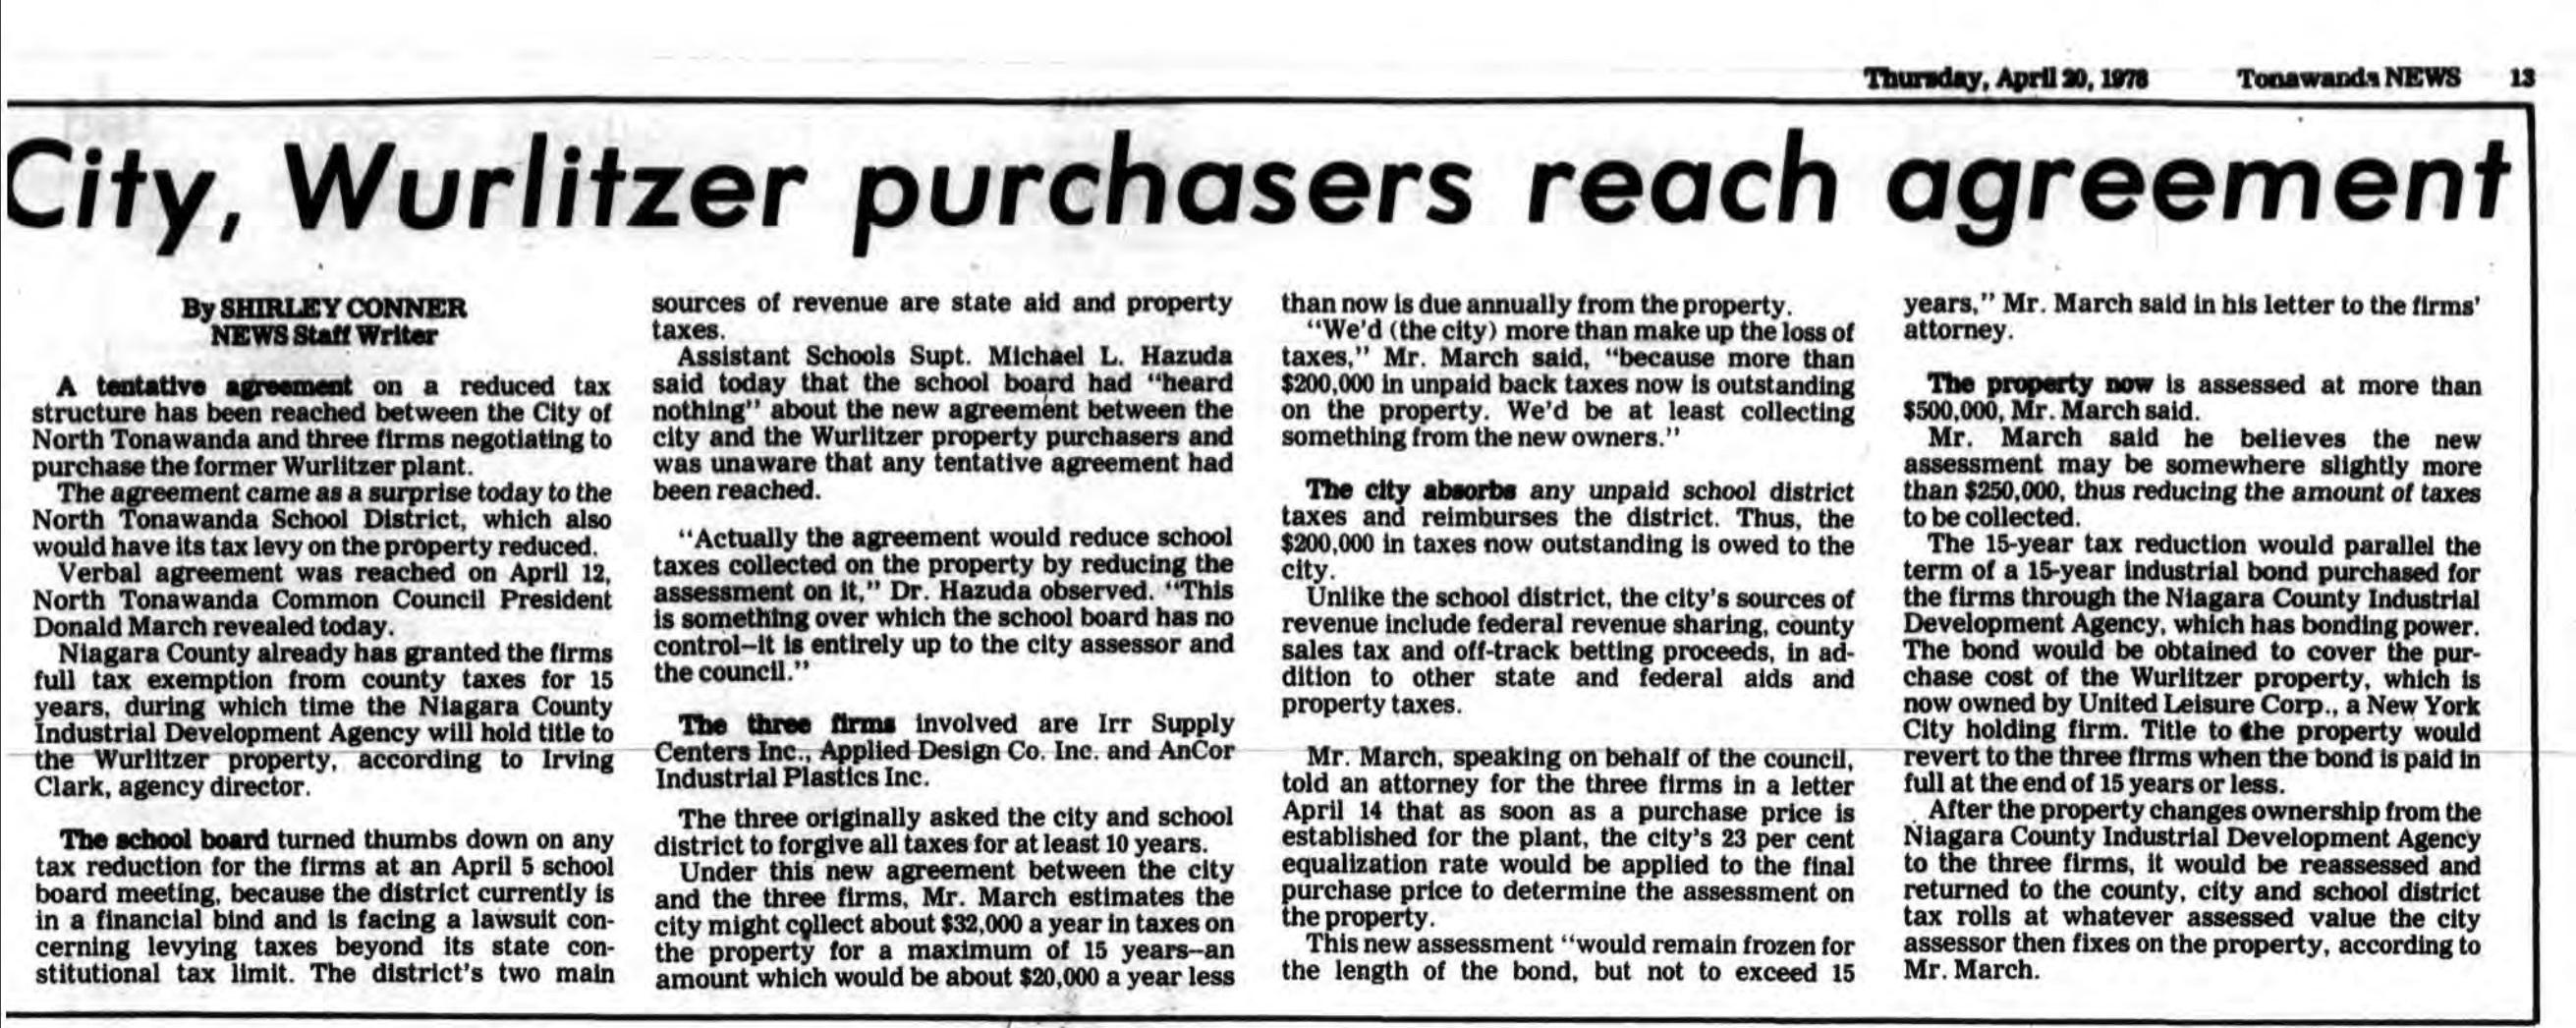 City, Wurlitzer purchasers reach agreement, article (Tonawanda News, 1978-04-20).jpg